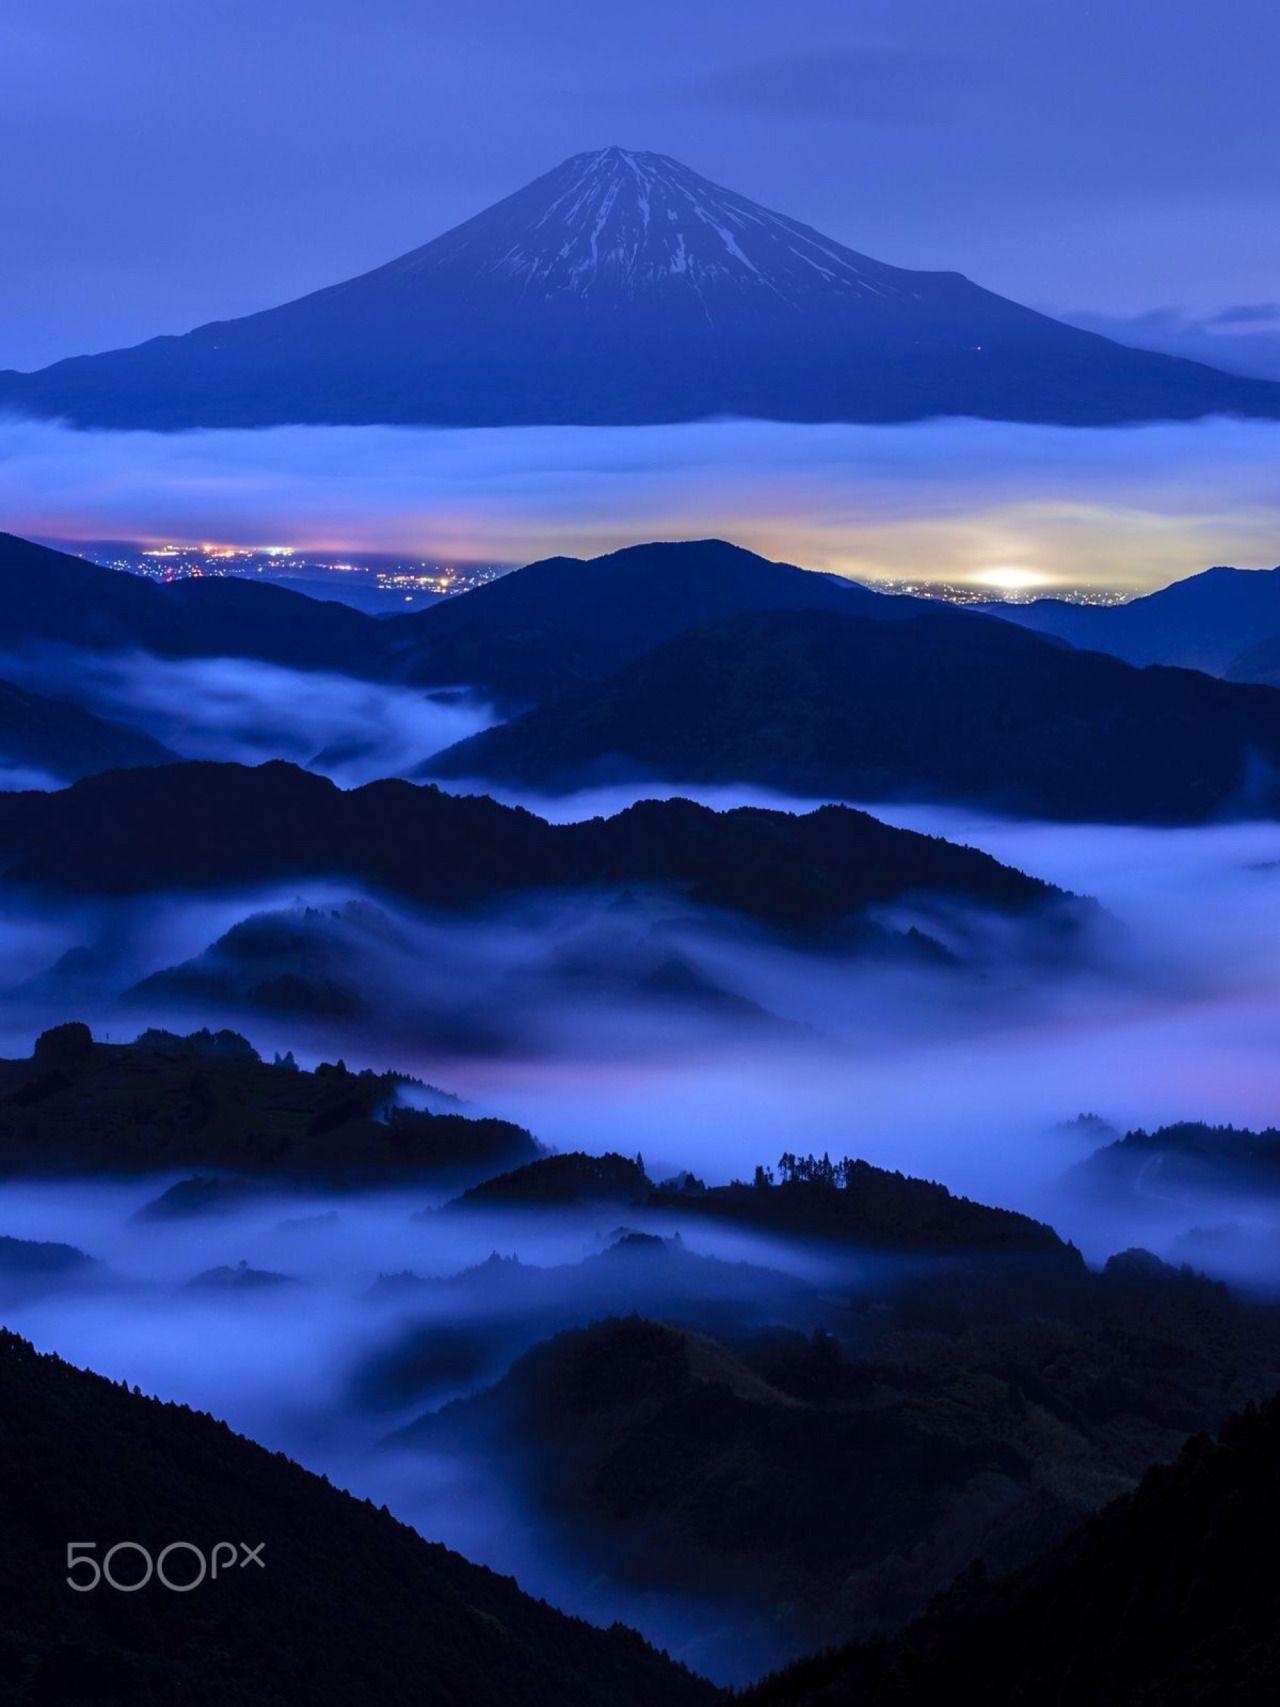 Harmony https://500px.com/photo/112663859/harmony-2-by-takashi- Japan Fuji Mountain